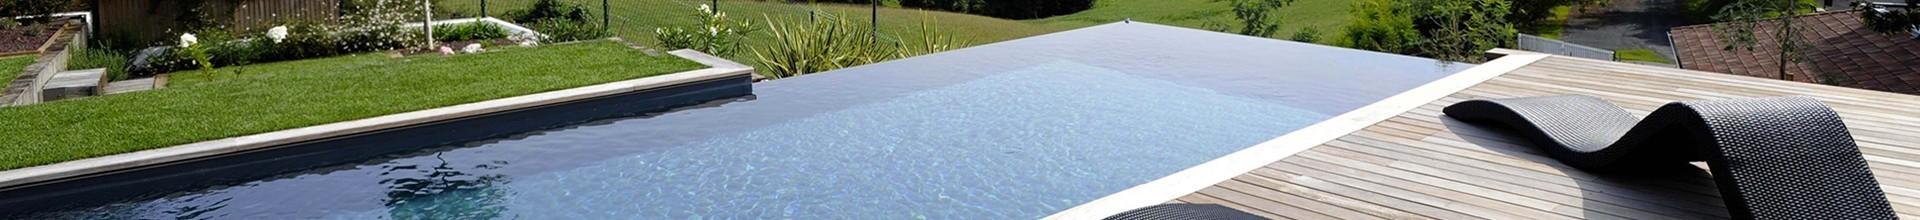 Gard Occitanie nettoyage d'une piscine en béton, robuste, durable